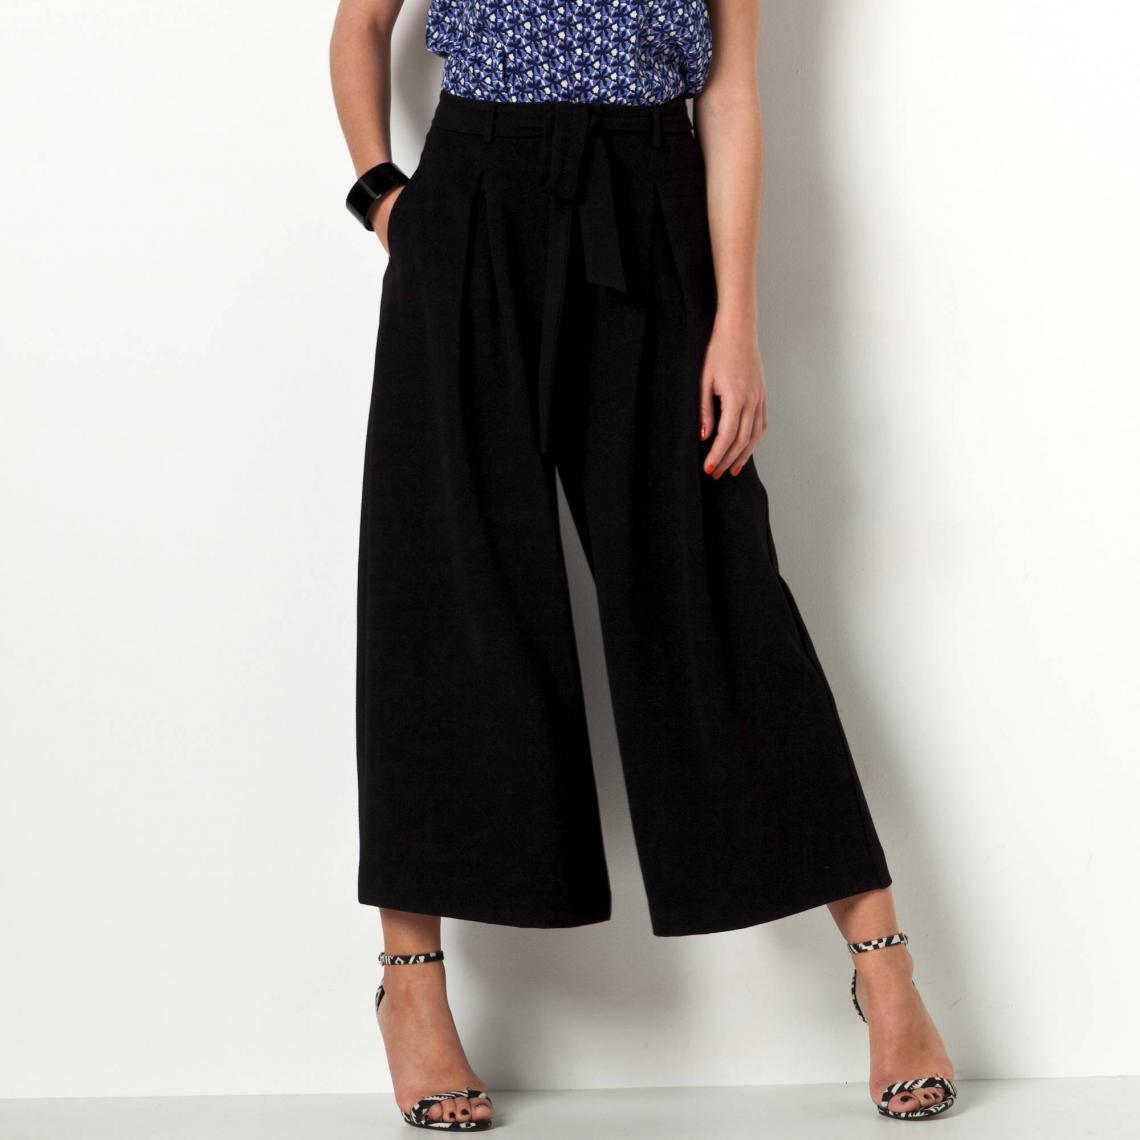 Pantalon raccourci extra-large à pinces avec liens à nouer COLLECTION - 3 SUISSES - Modalova